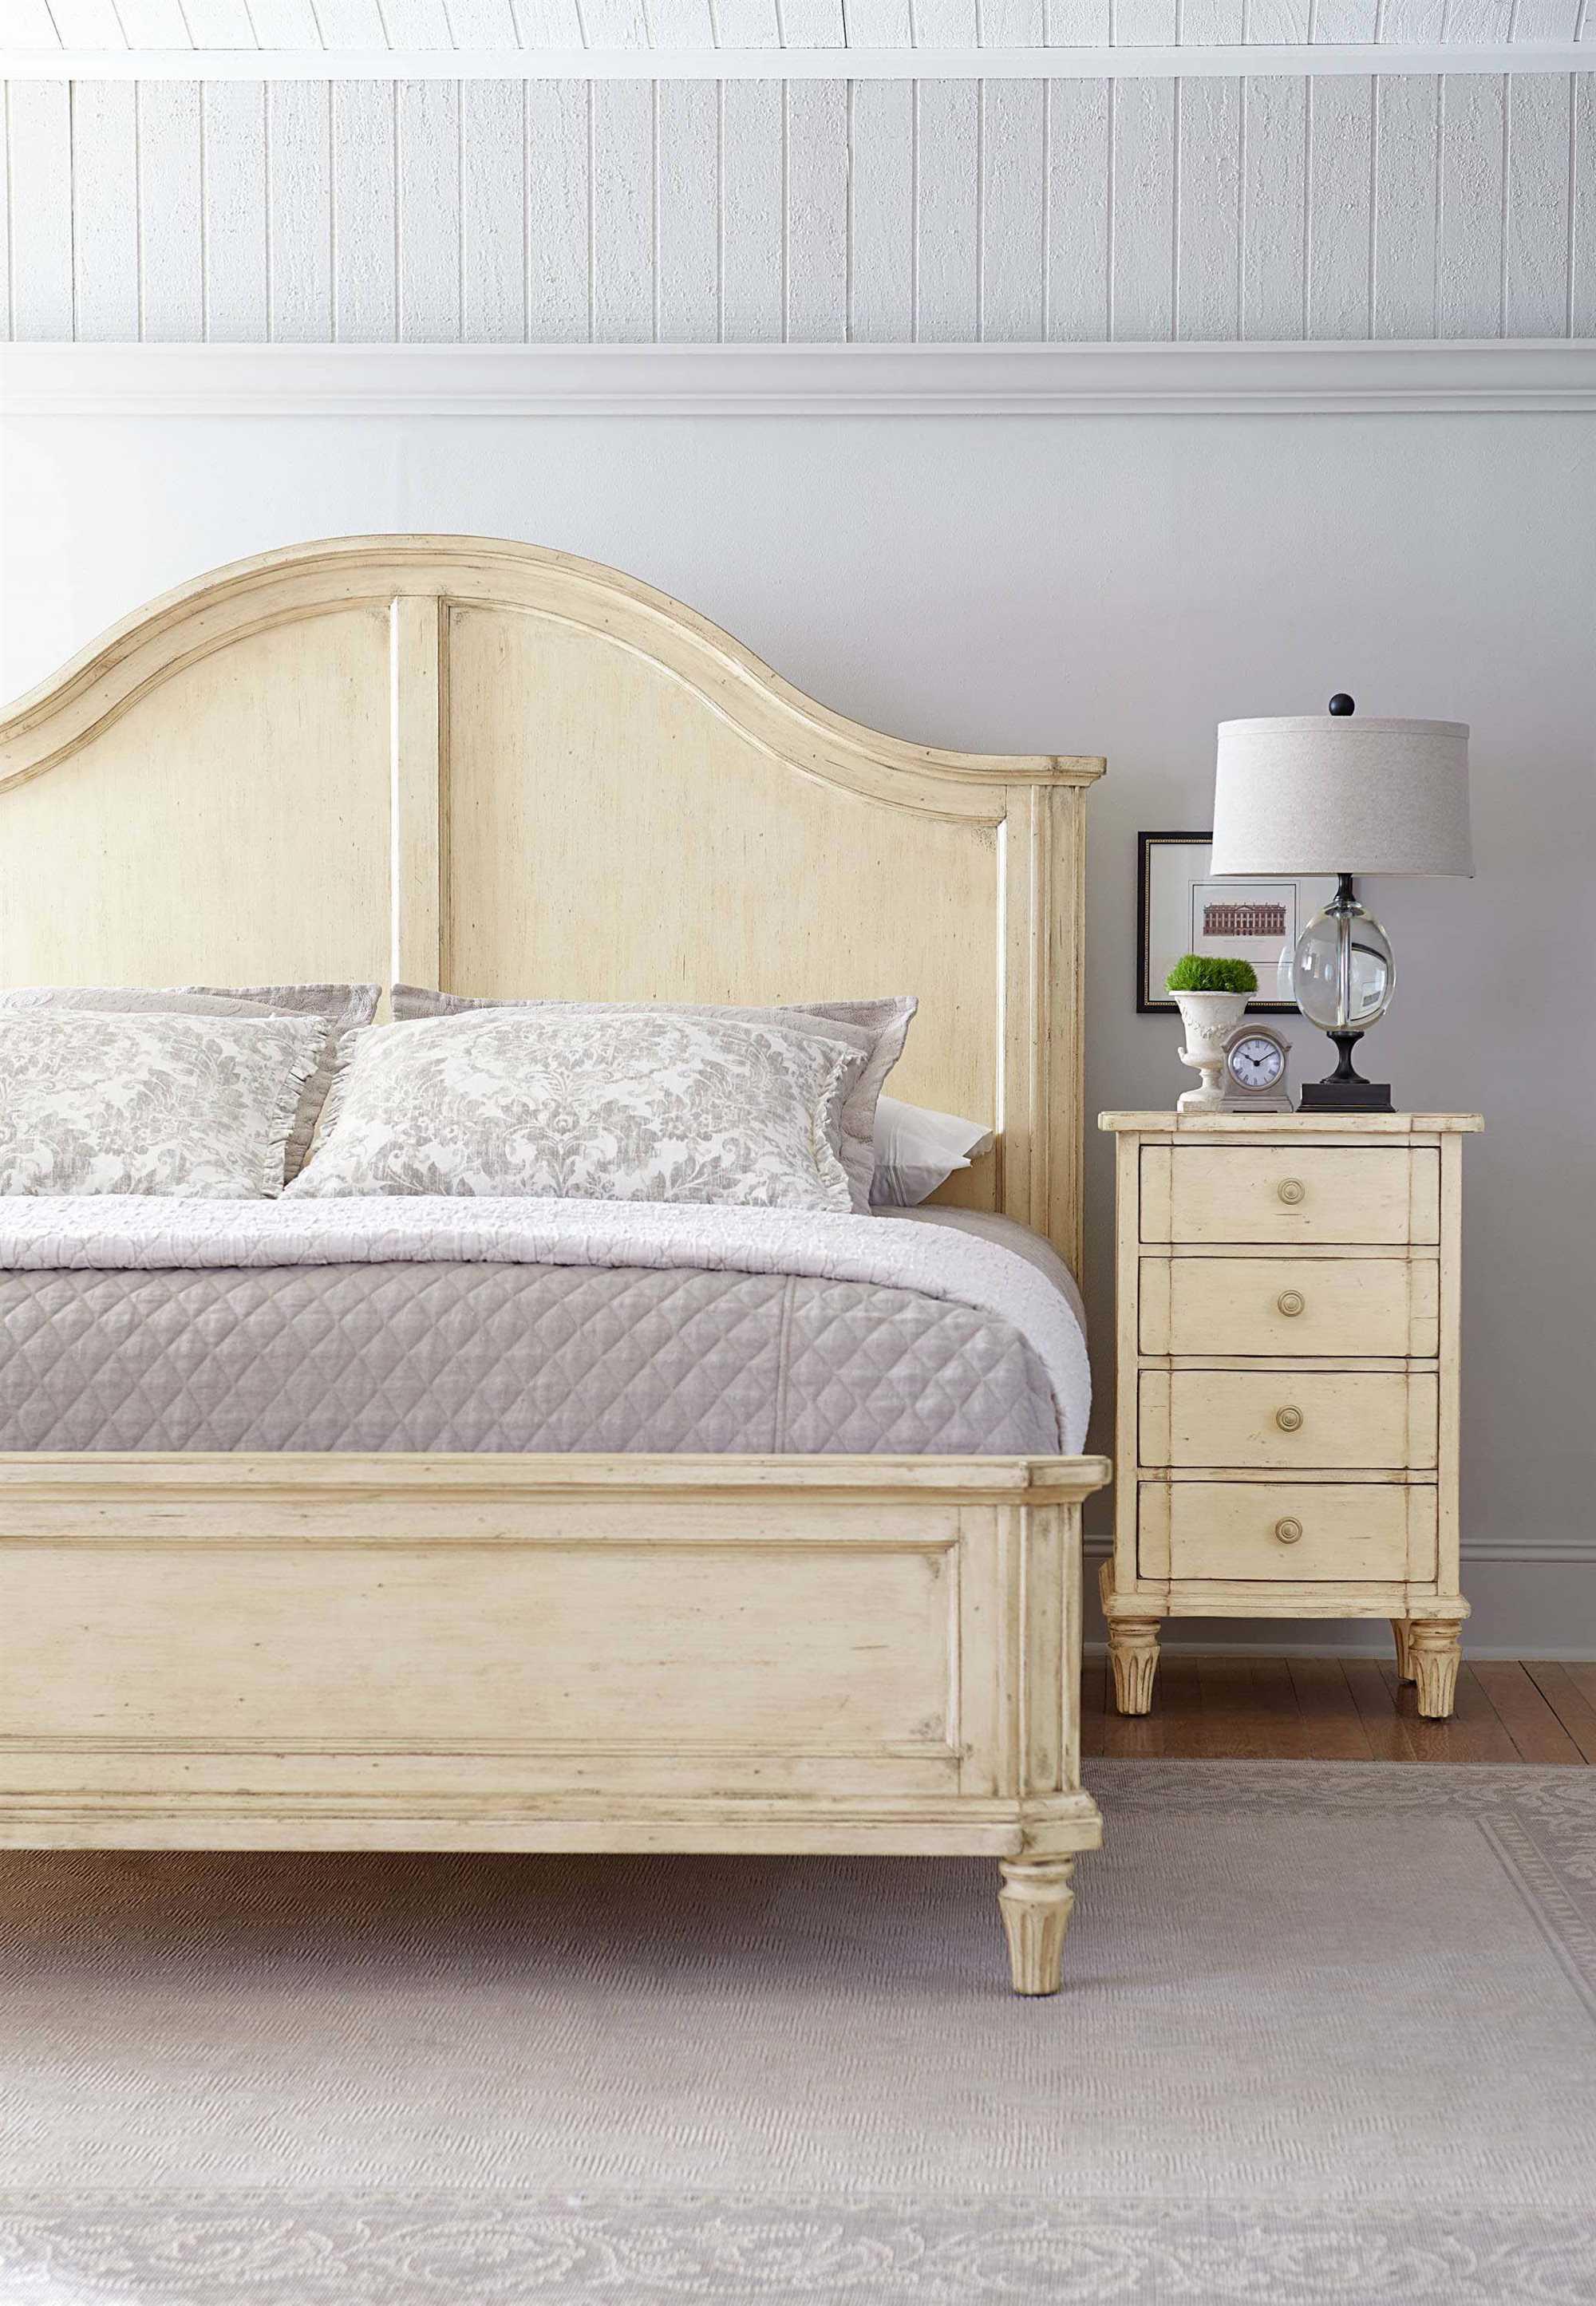 Stanley Furniture European Cottage Casual Panel Bed Bedroom Set 007 23 40set2